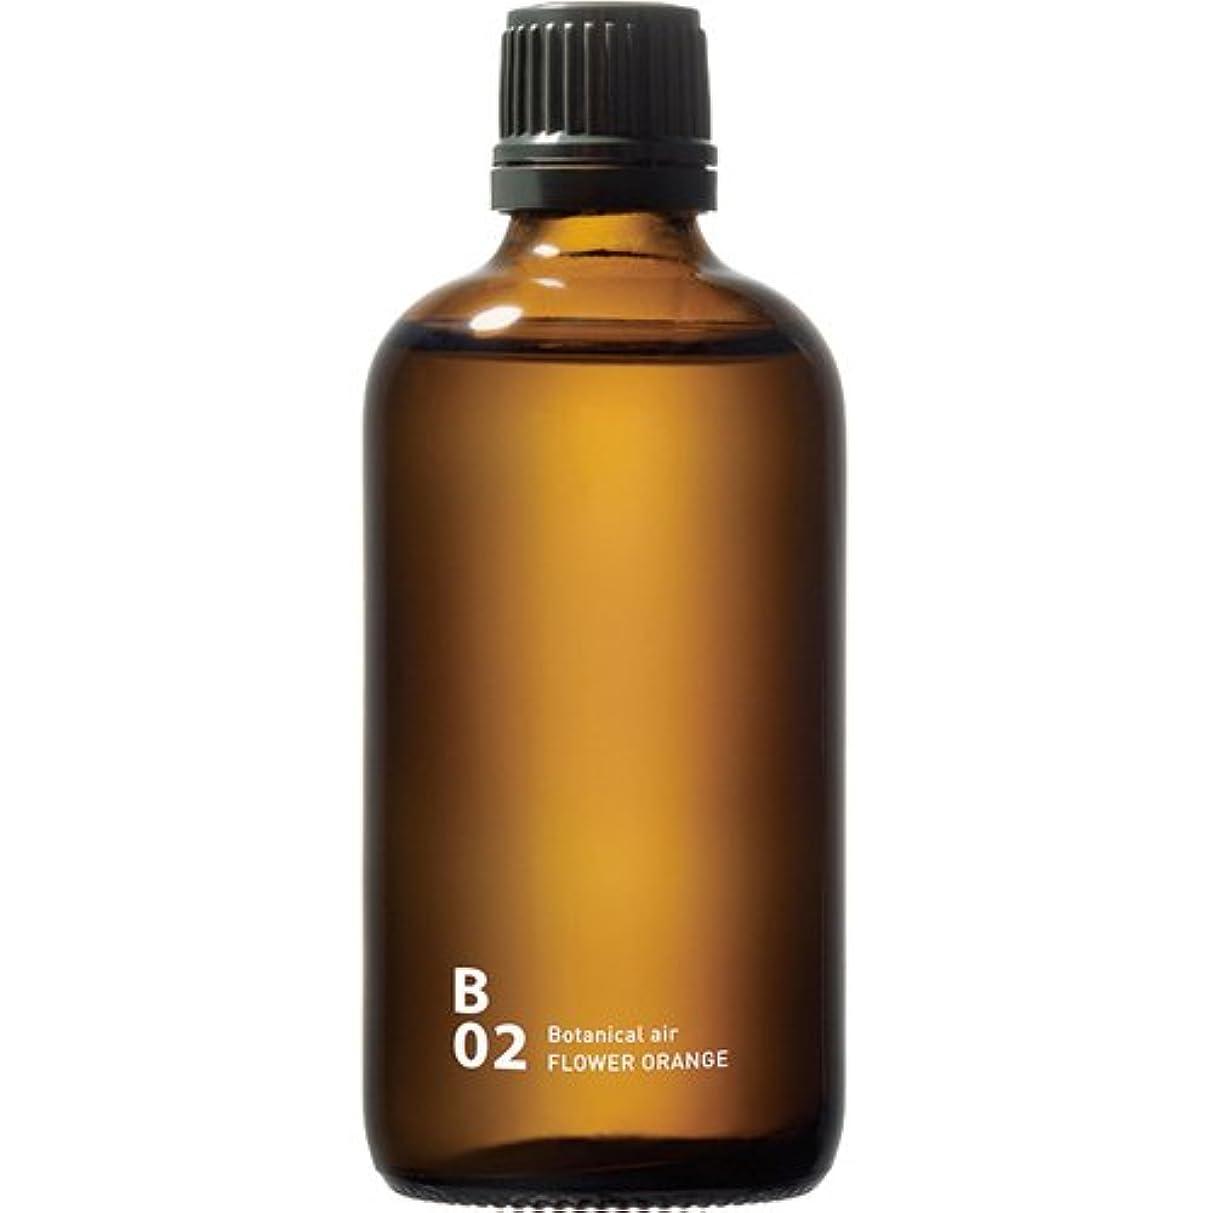 落花生霜同行B02 FLOWER ORANGE piezo aroma oil 100ml